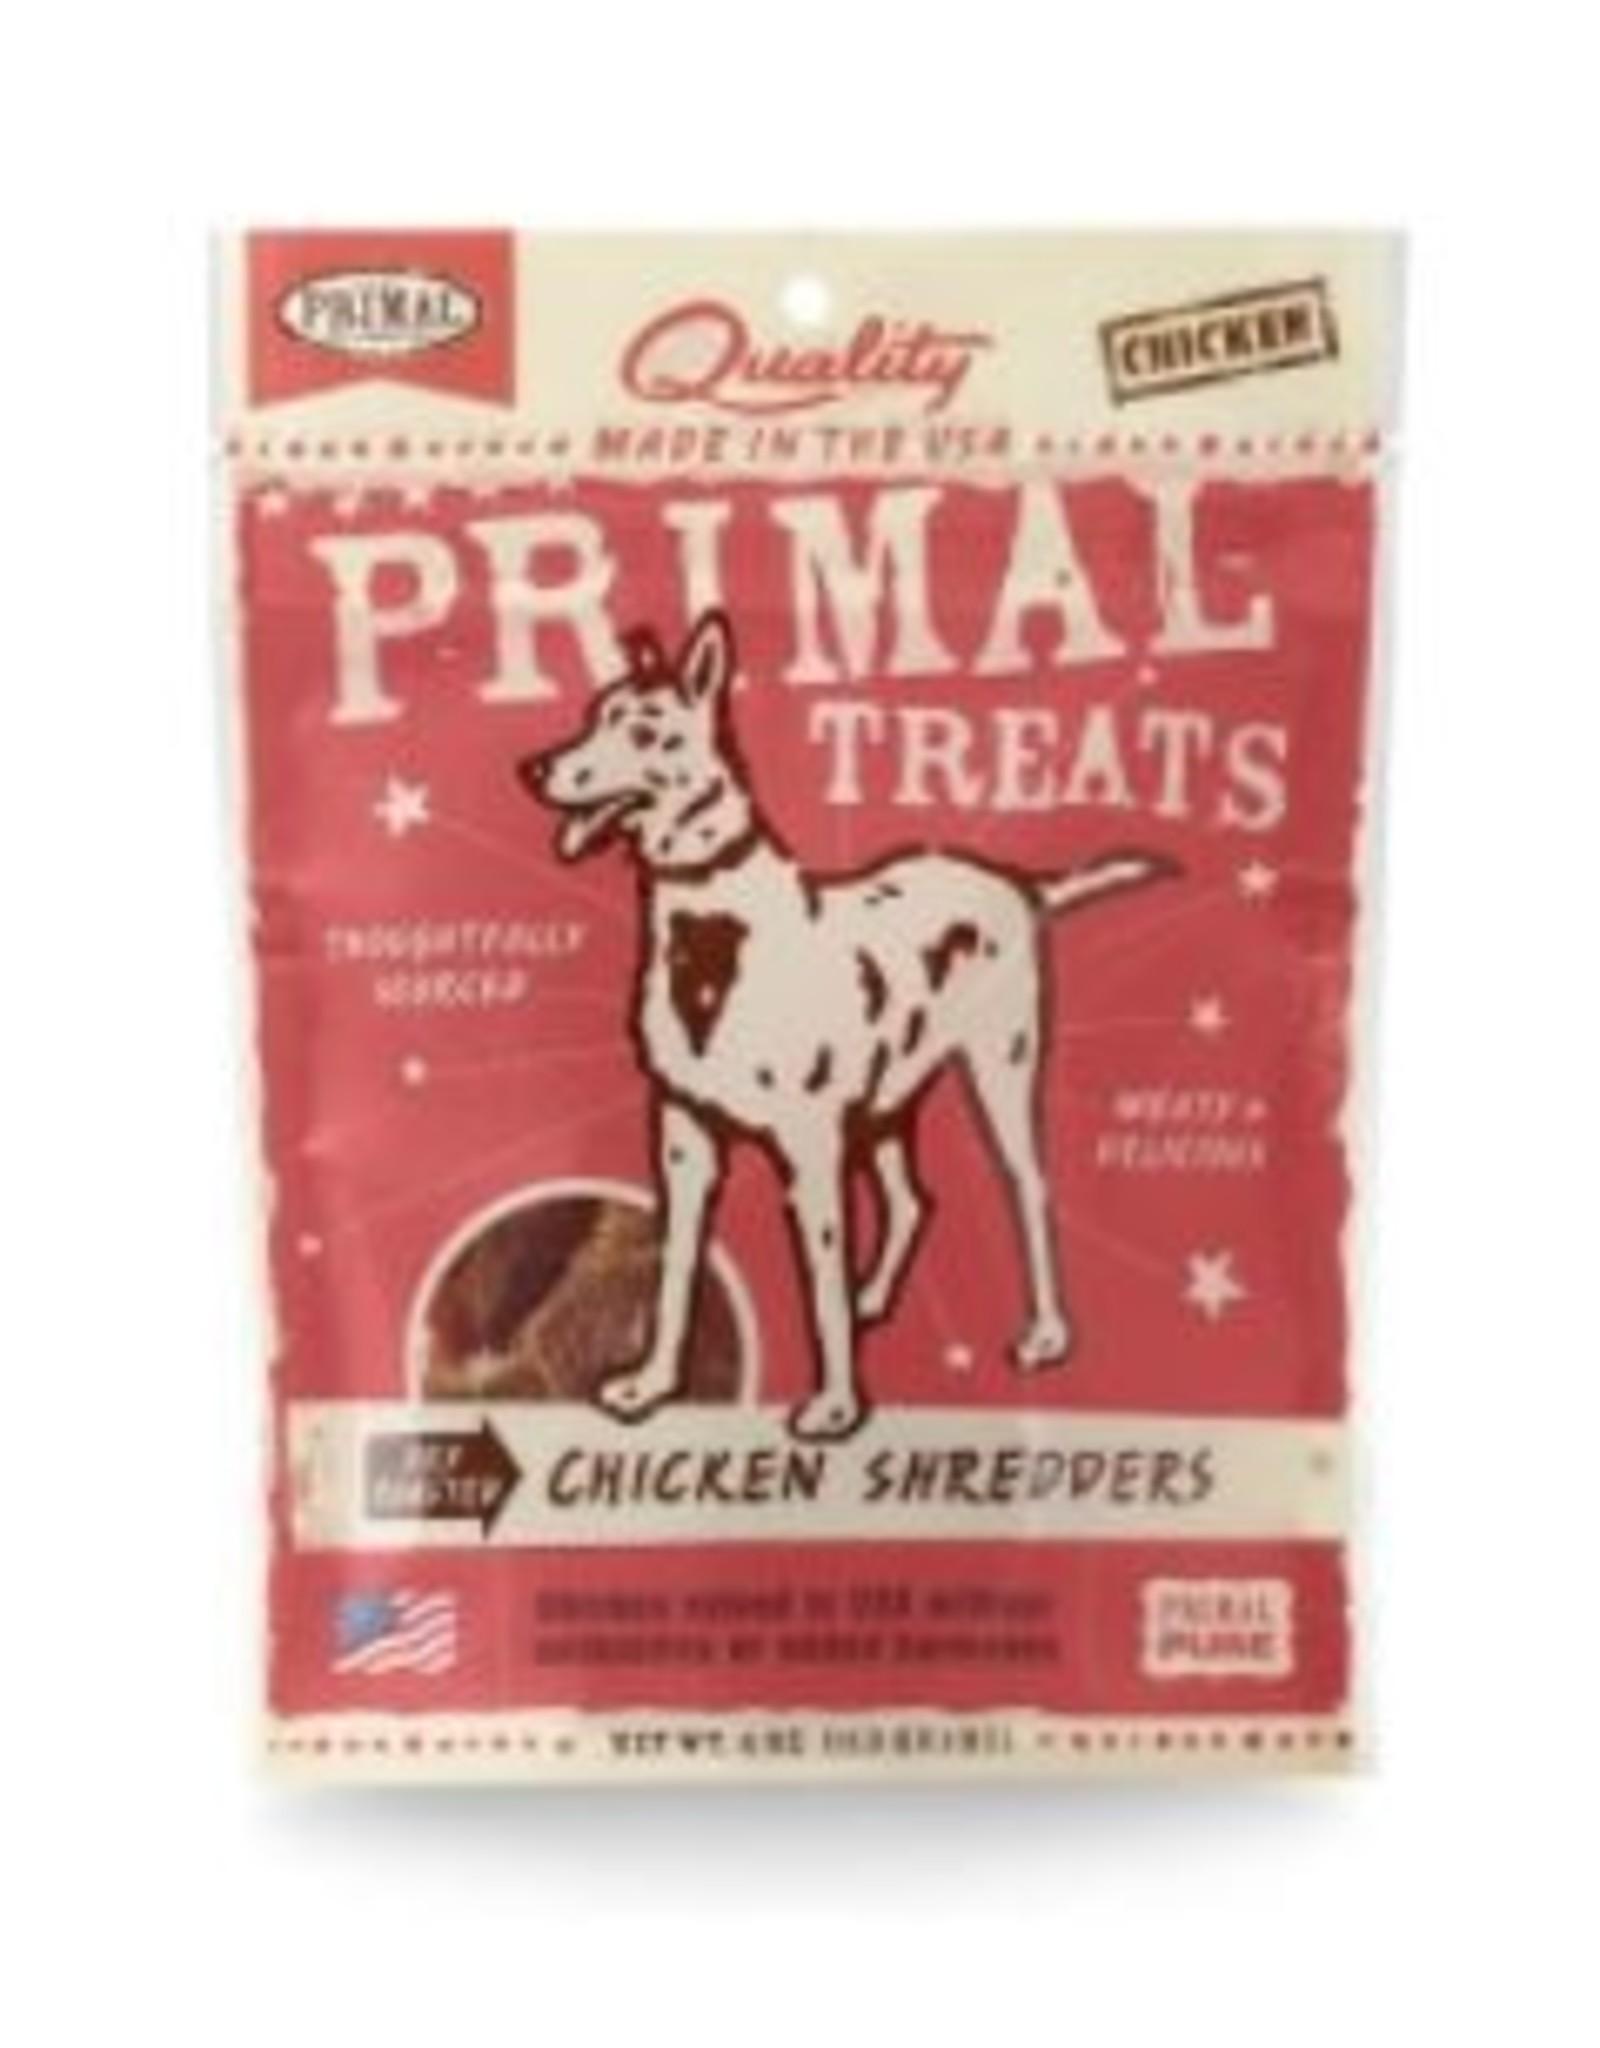 Primal Pet Foods Chicken Shredders